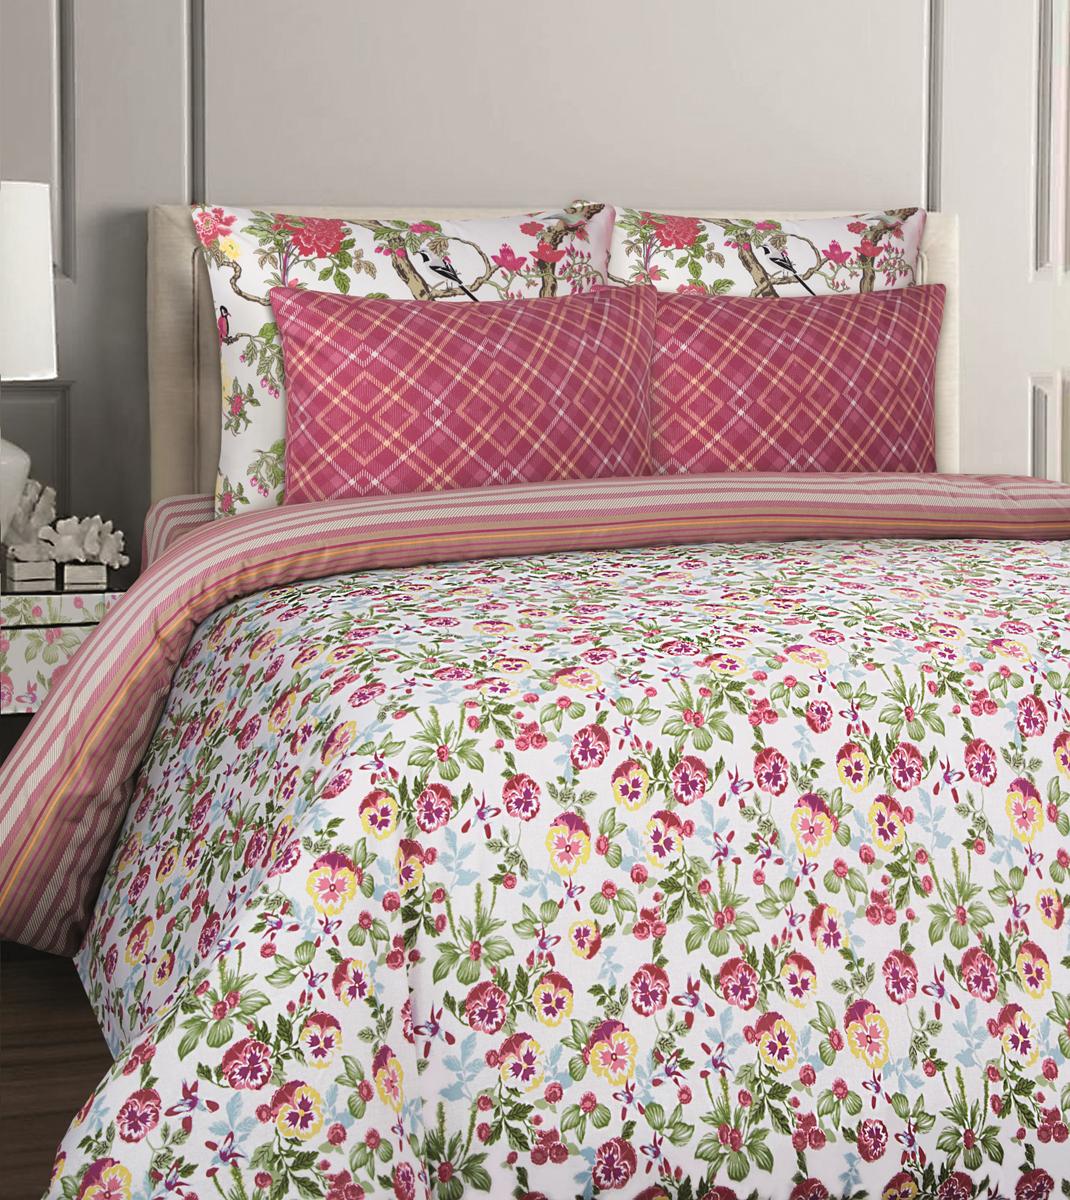 Комплект белья Mona Liza British Bristol, 2-спальный, наволочки 50x70. 552205-68 комплекты белья